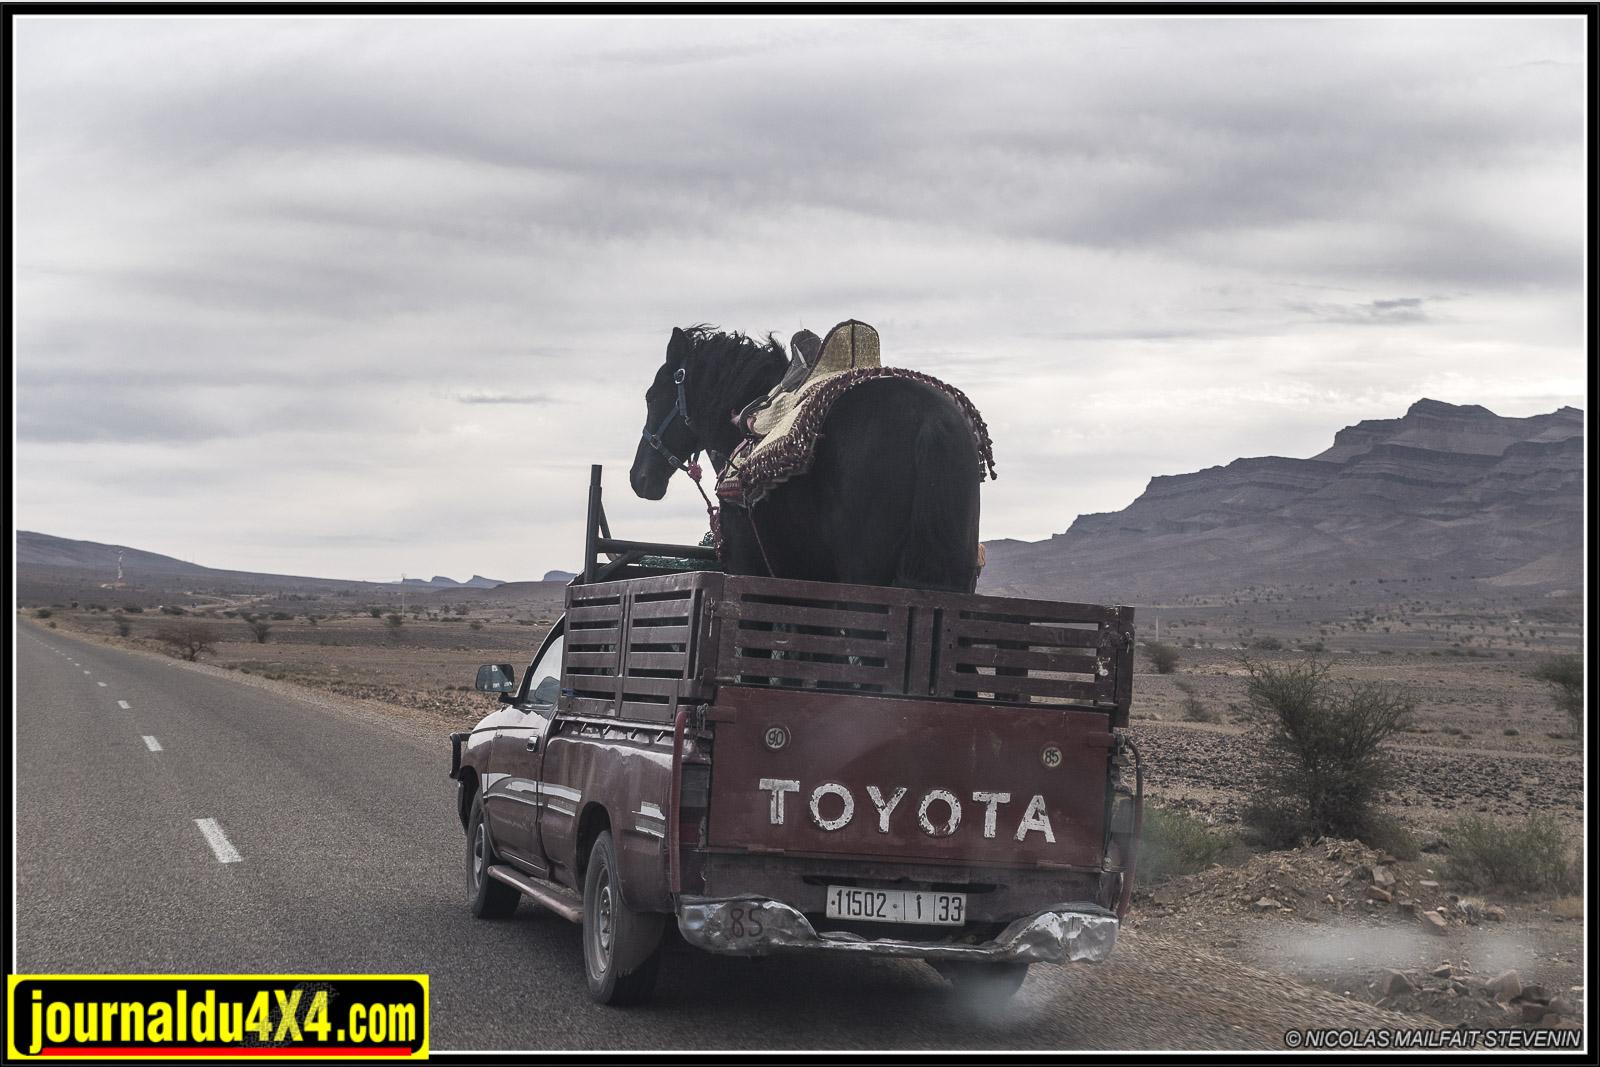 rallye-aicha-gazelles-maroc-2017-6719.jpg